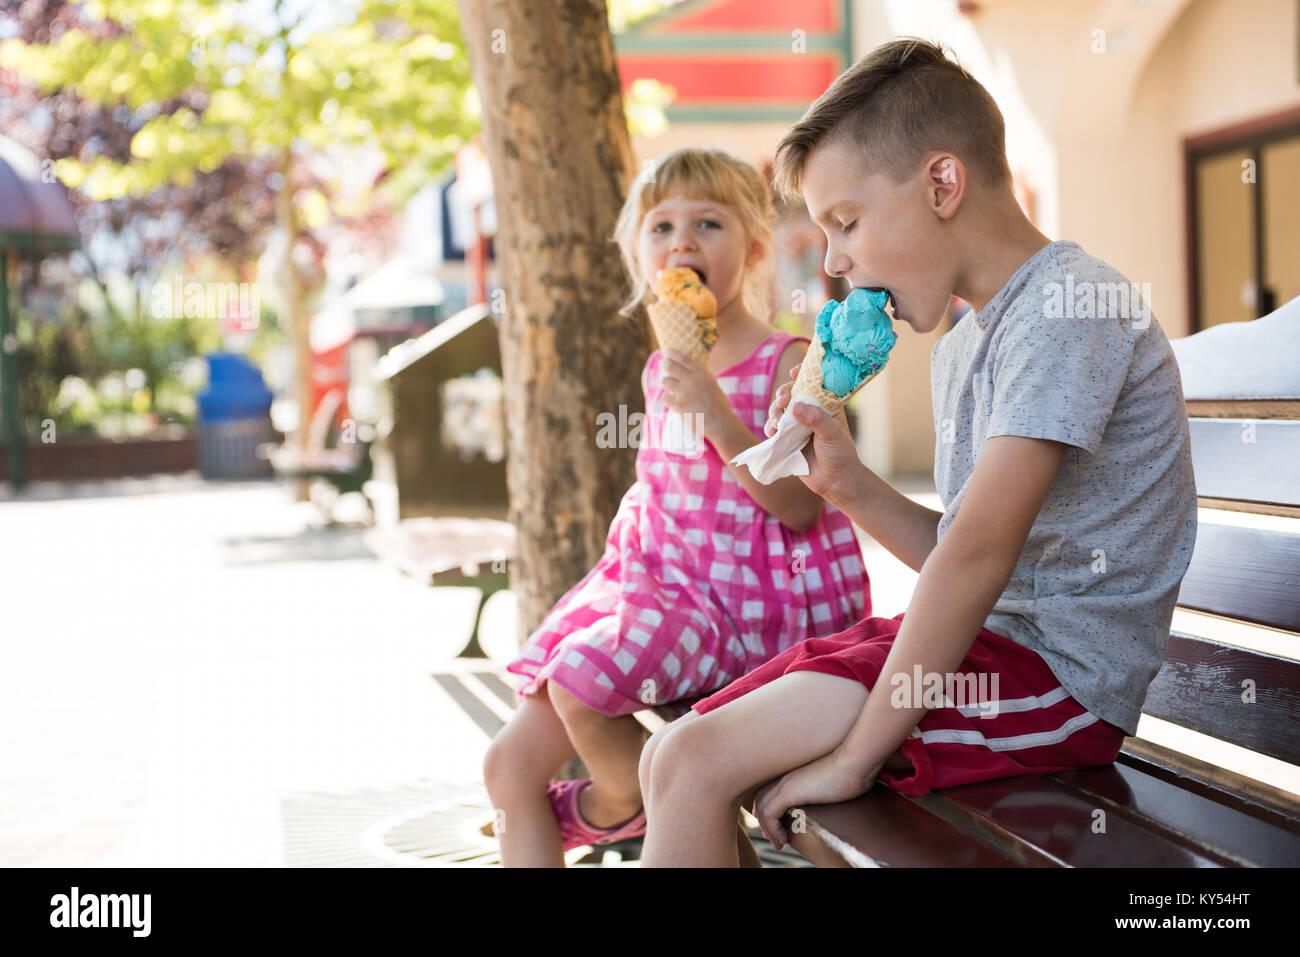 Hermano comer helado en un banco Imagen De Stock